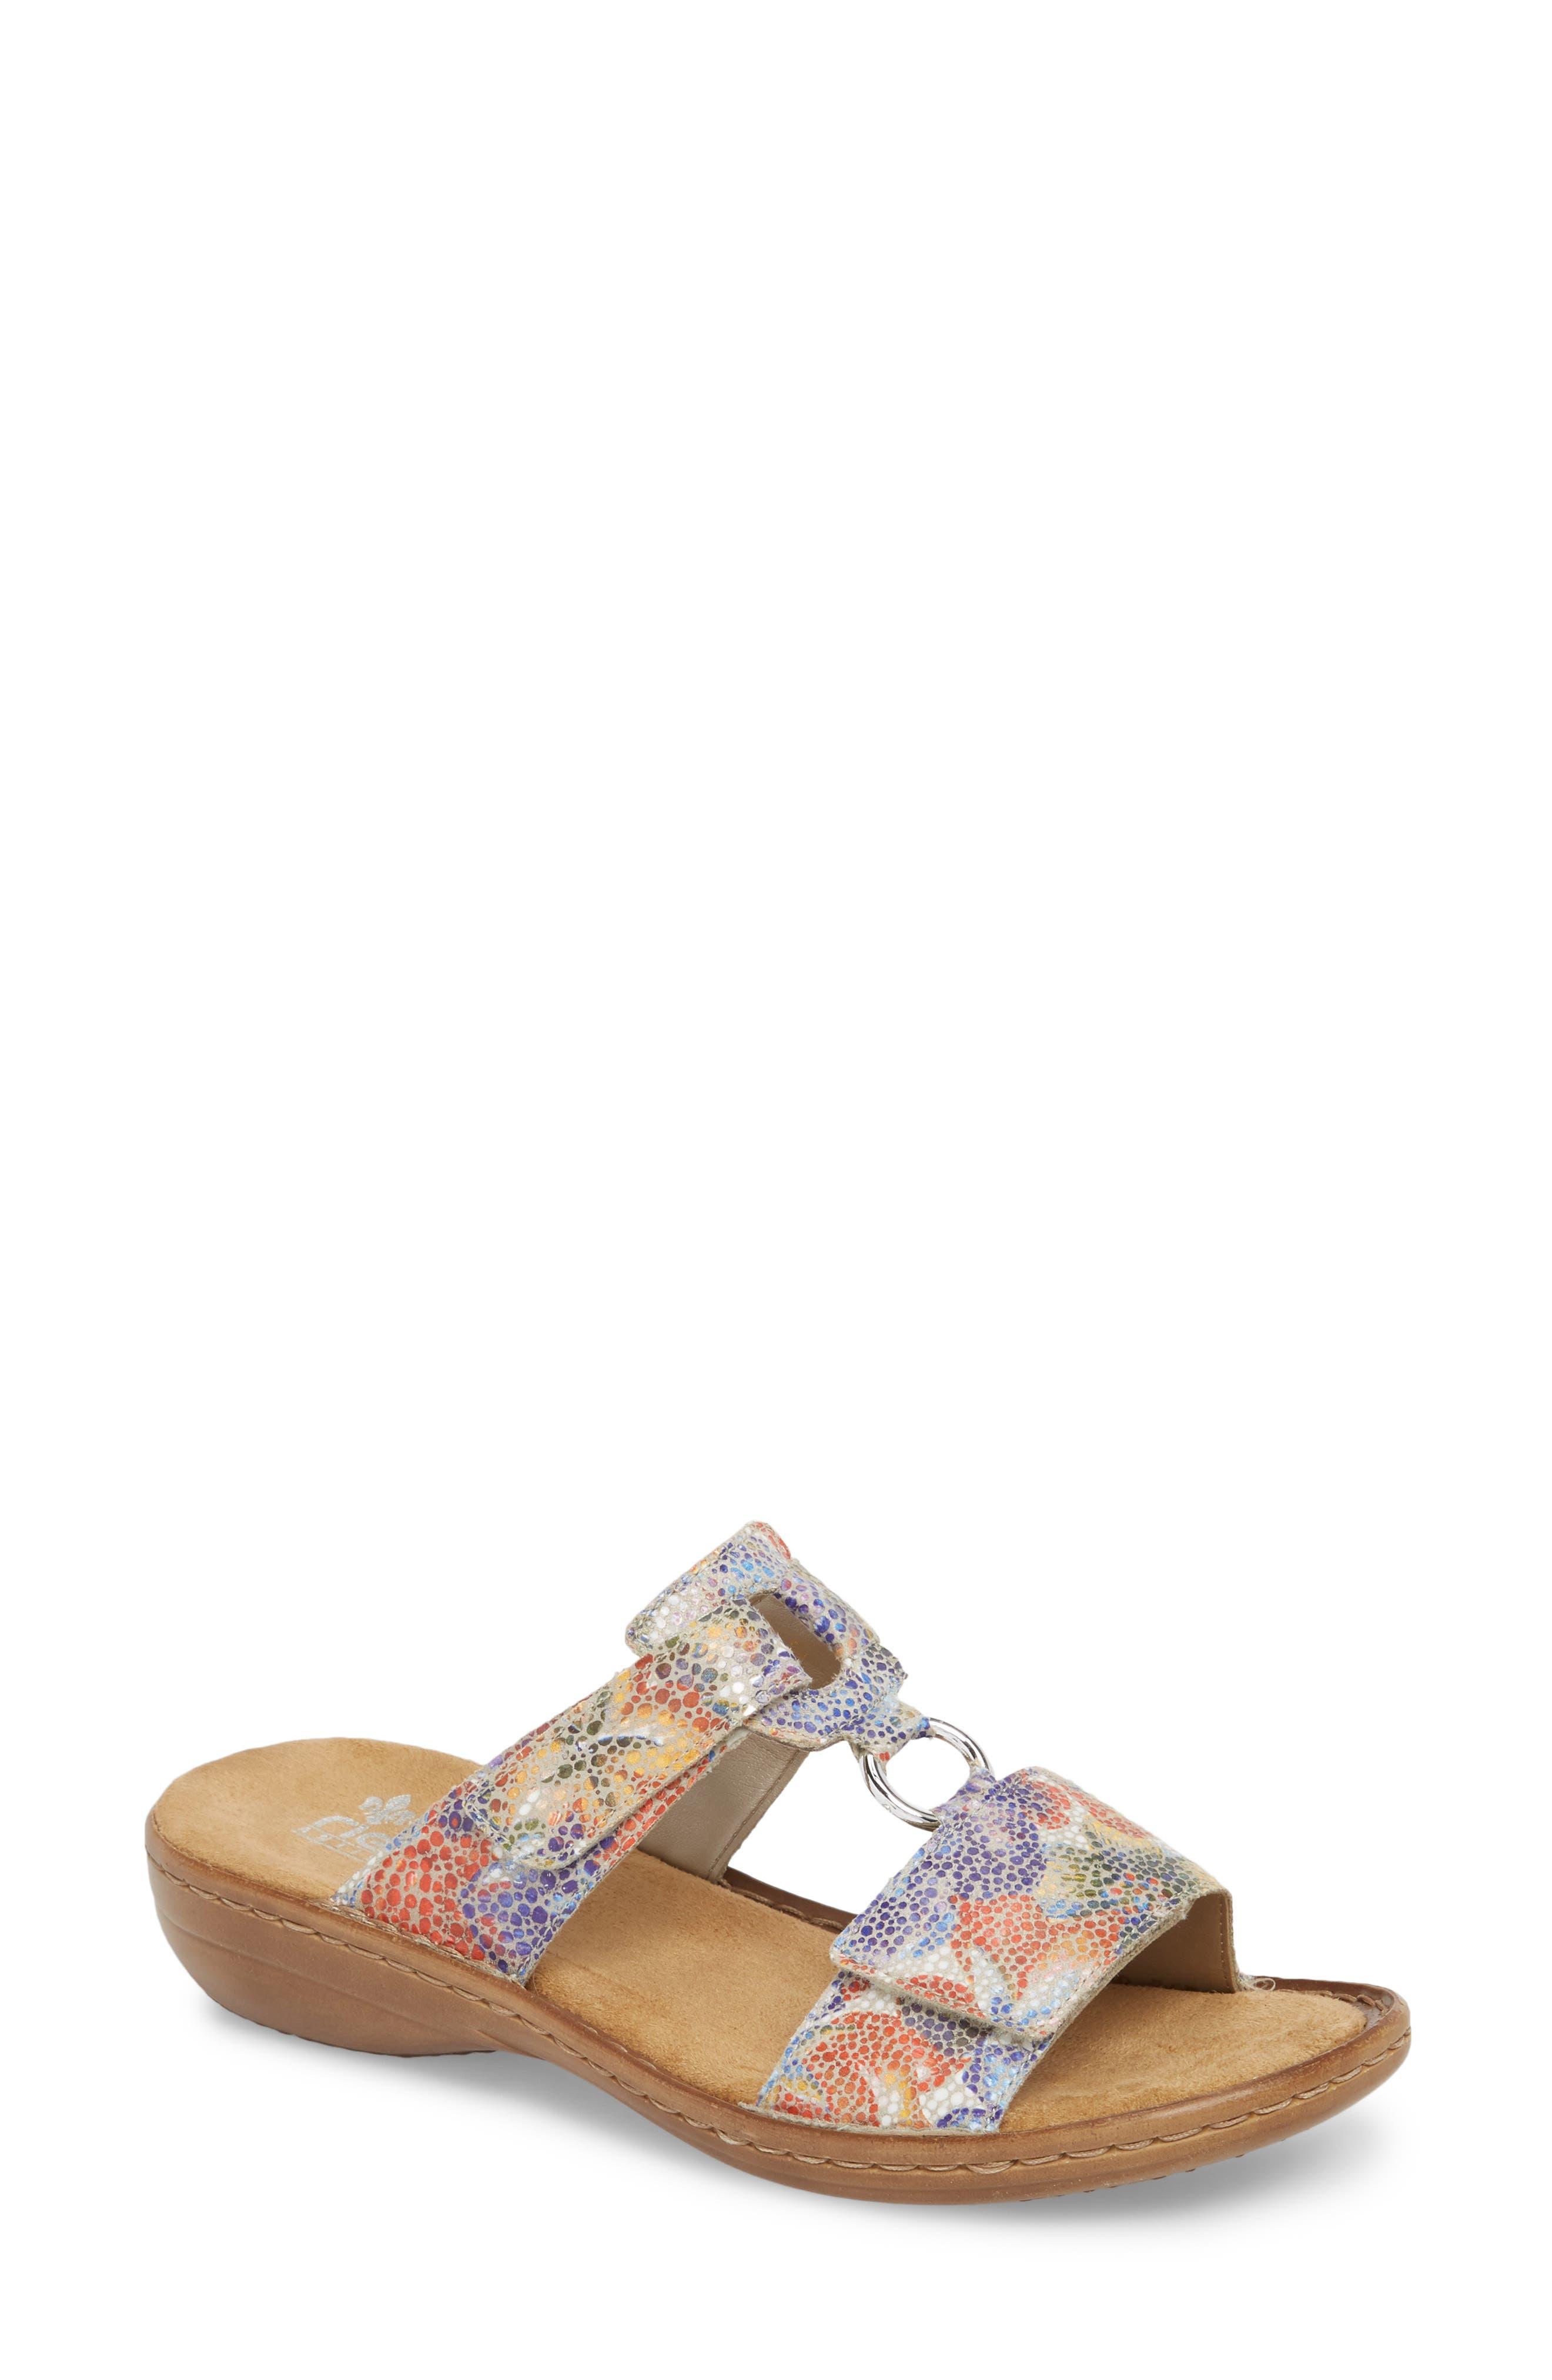 Regina P9 Slide Sandal,                             Main thumbnail 1, color,                             WHITE MULTI FABRIC